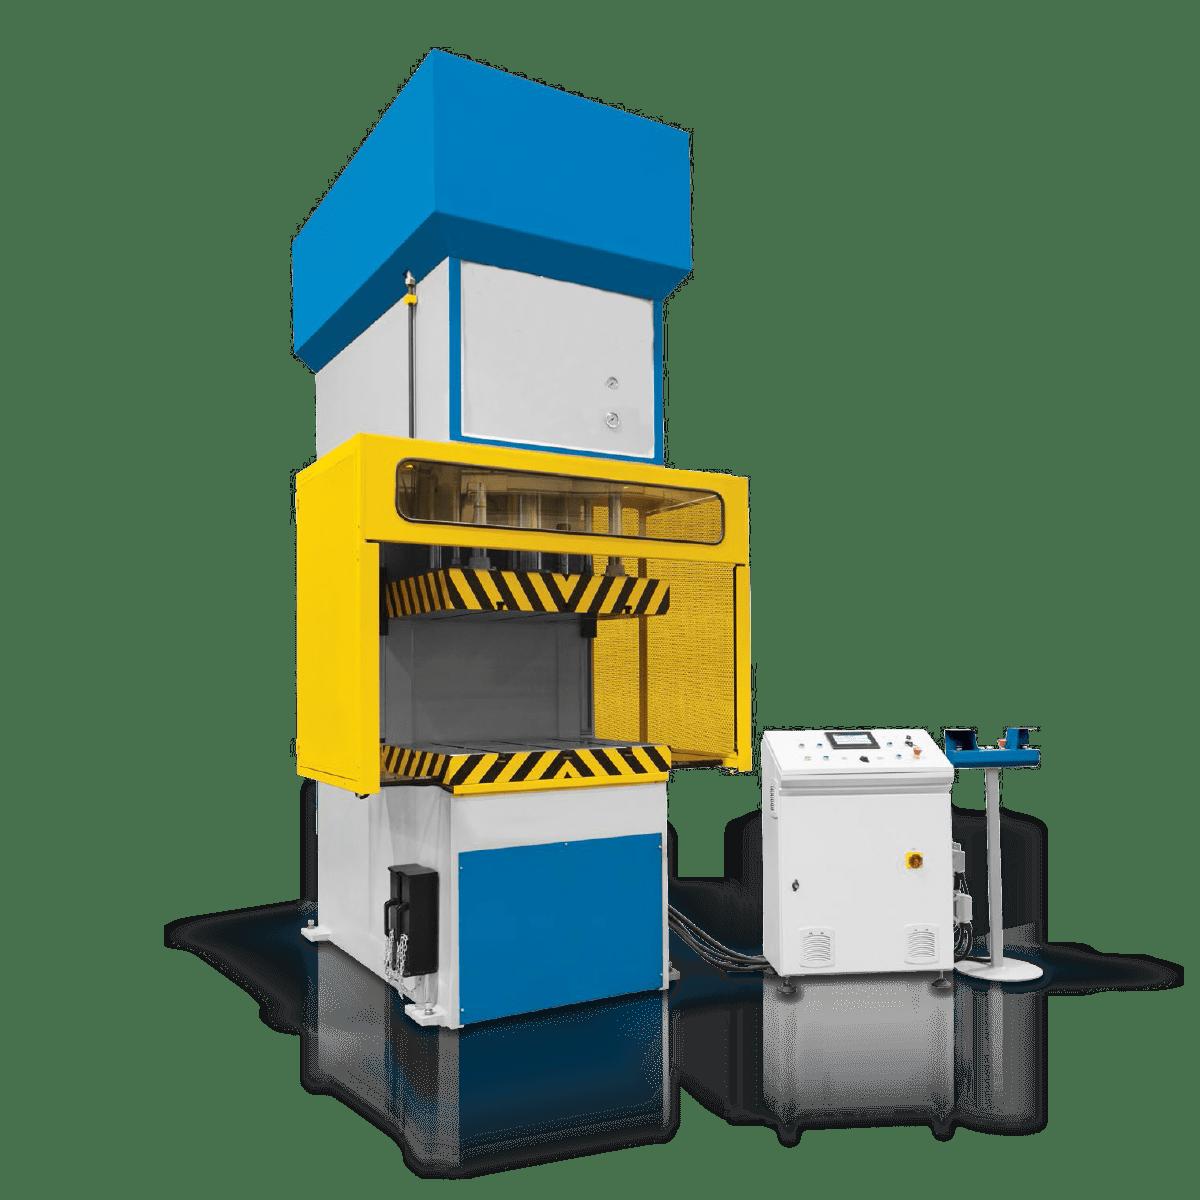 Hymec C Frame Hydraulic Presses